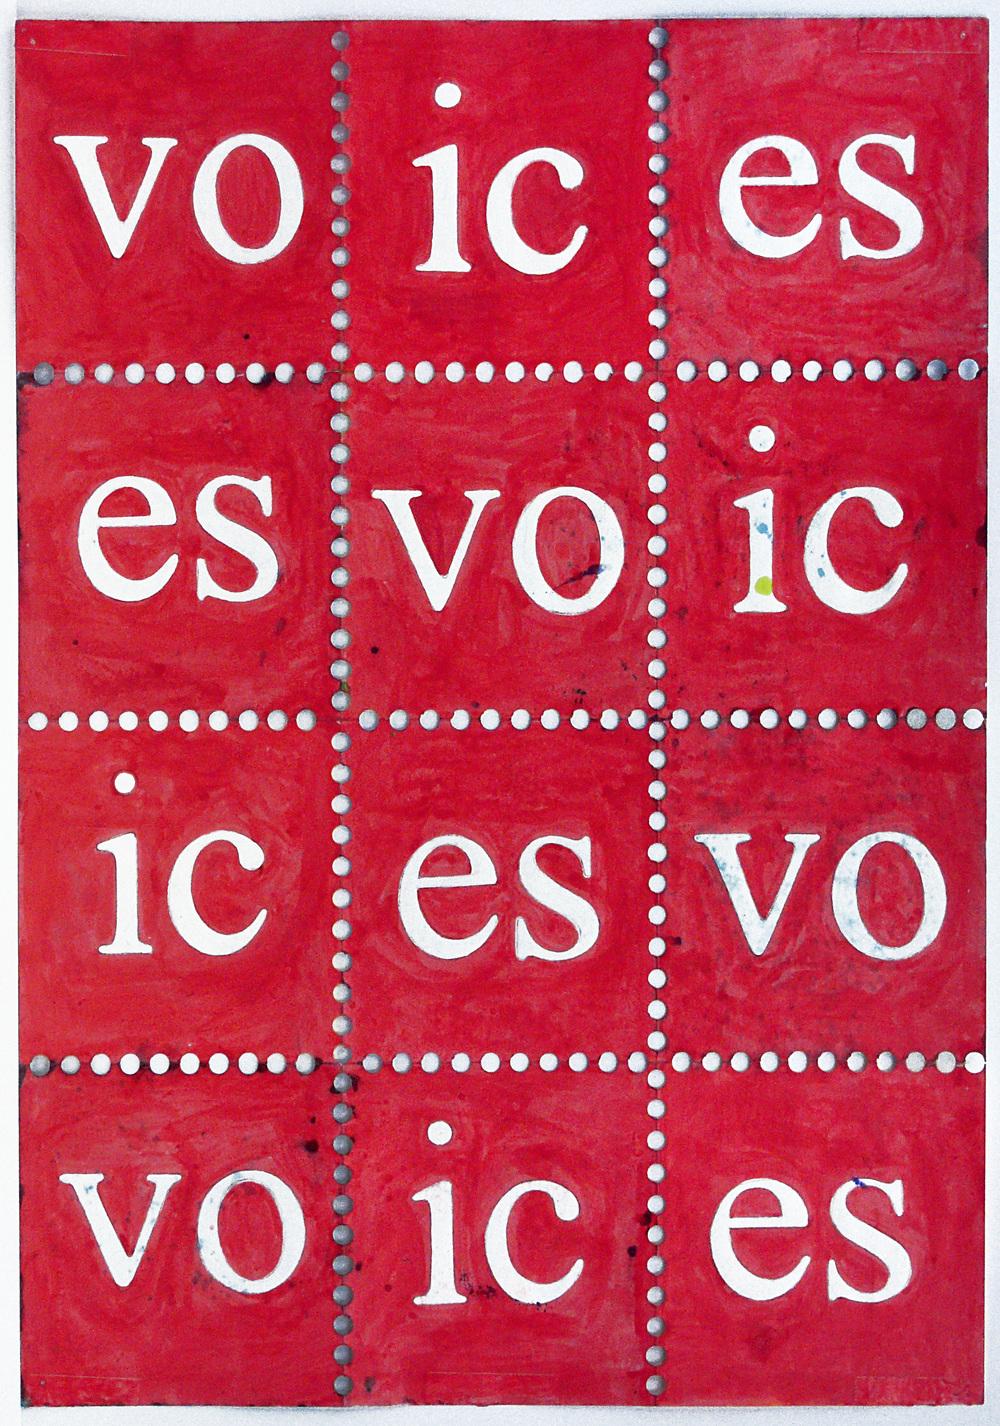 Voices 2016